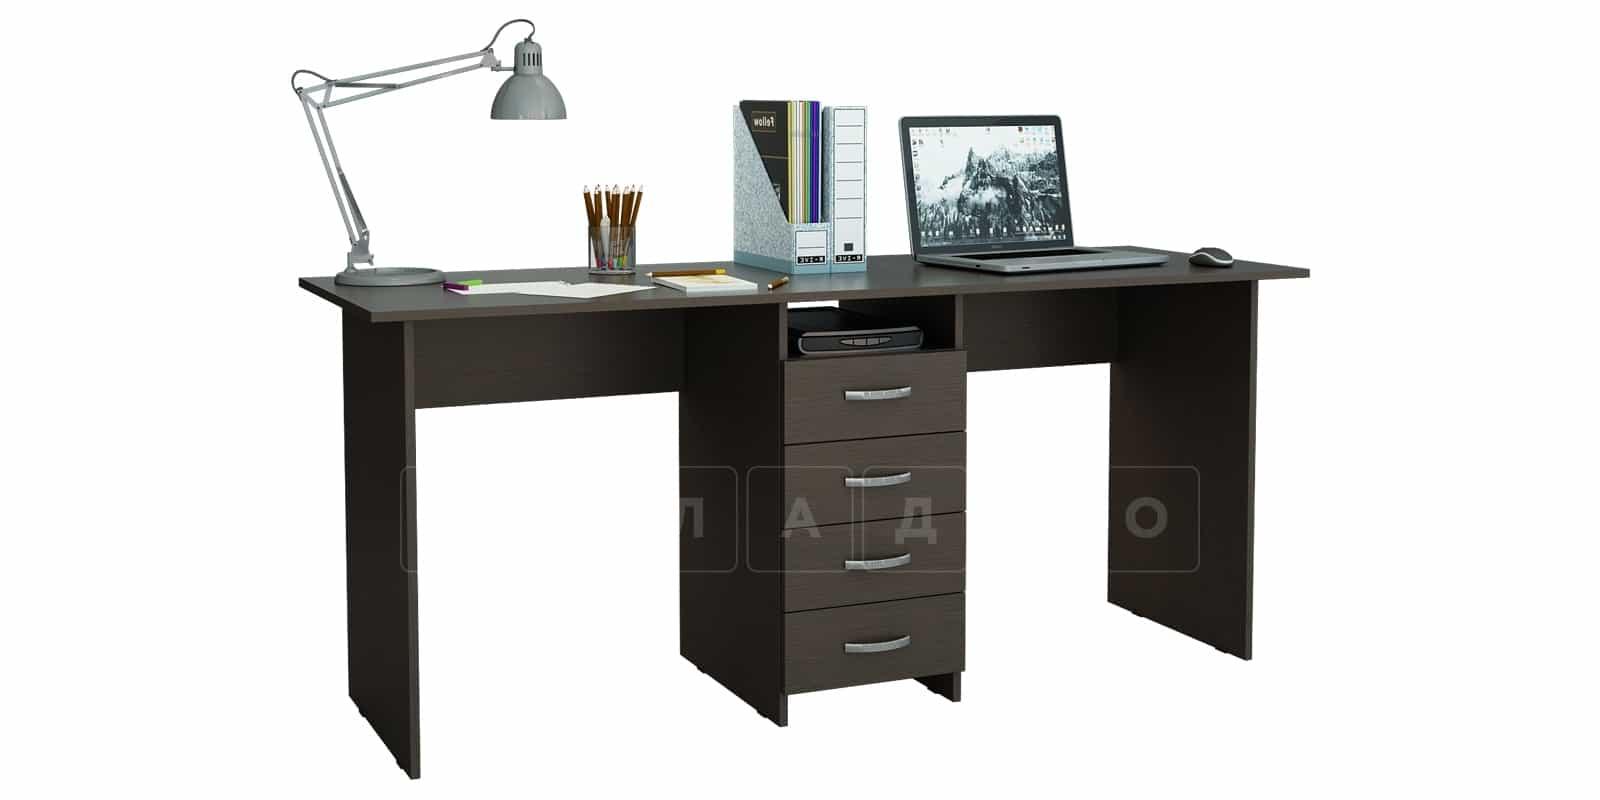 Офисный стол Кейптаун 4 ящика фото 1 | интернет-магазин Складно